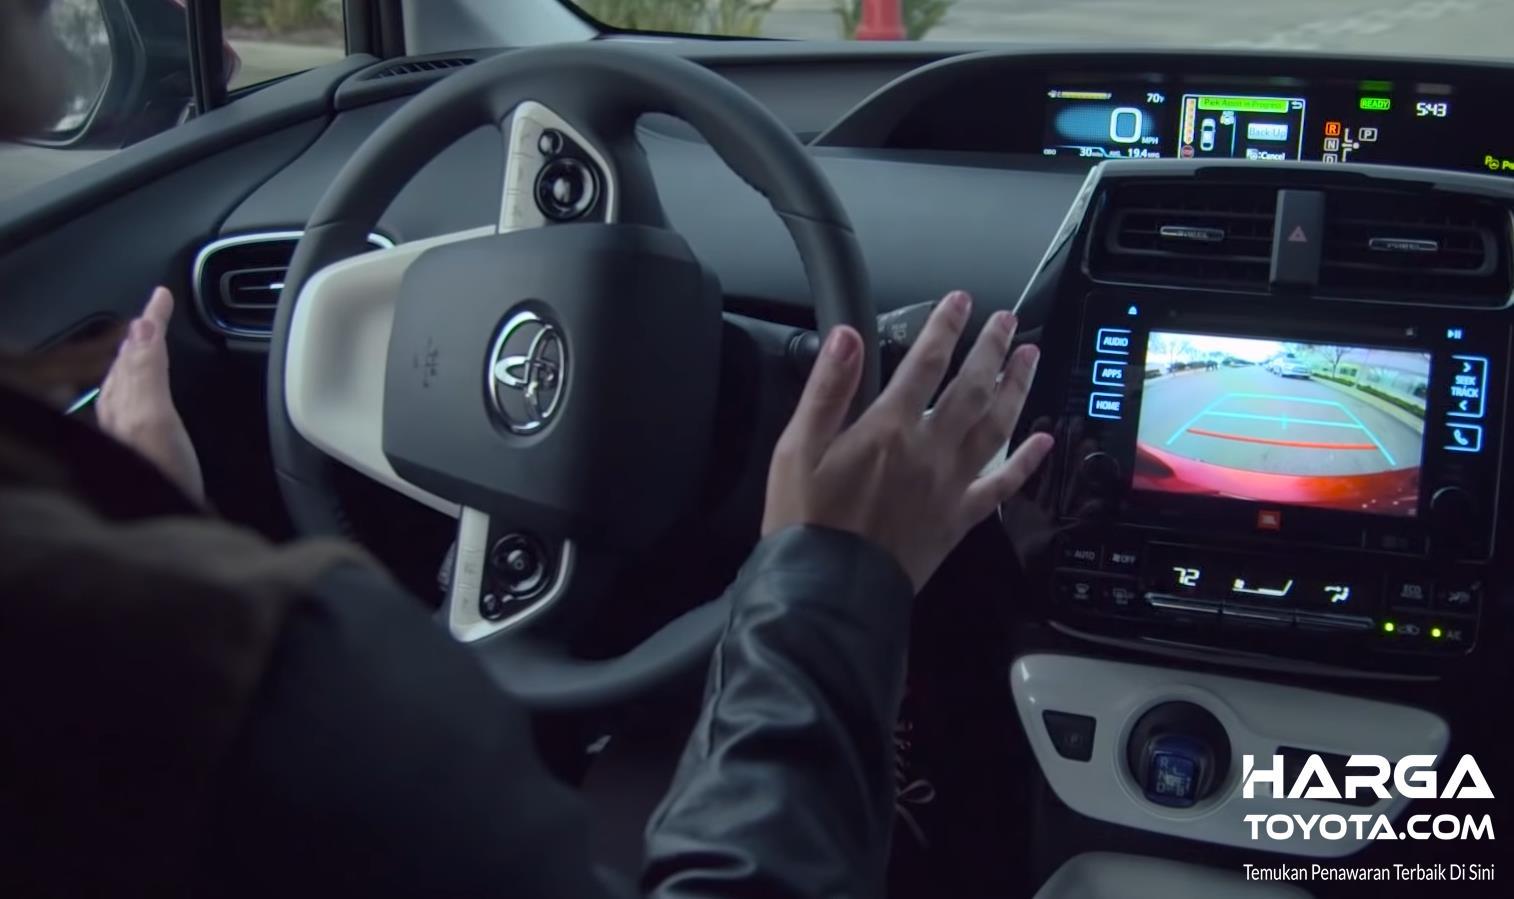 Gambar ini menunjukkan kemudi mobil dilepas saat mengaktifkan fitur Intelligent Park Assist Toyota